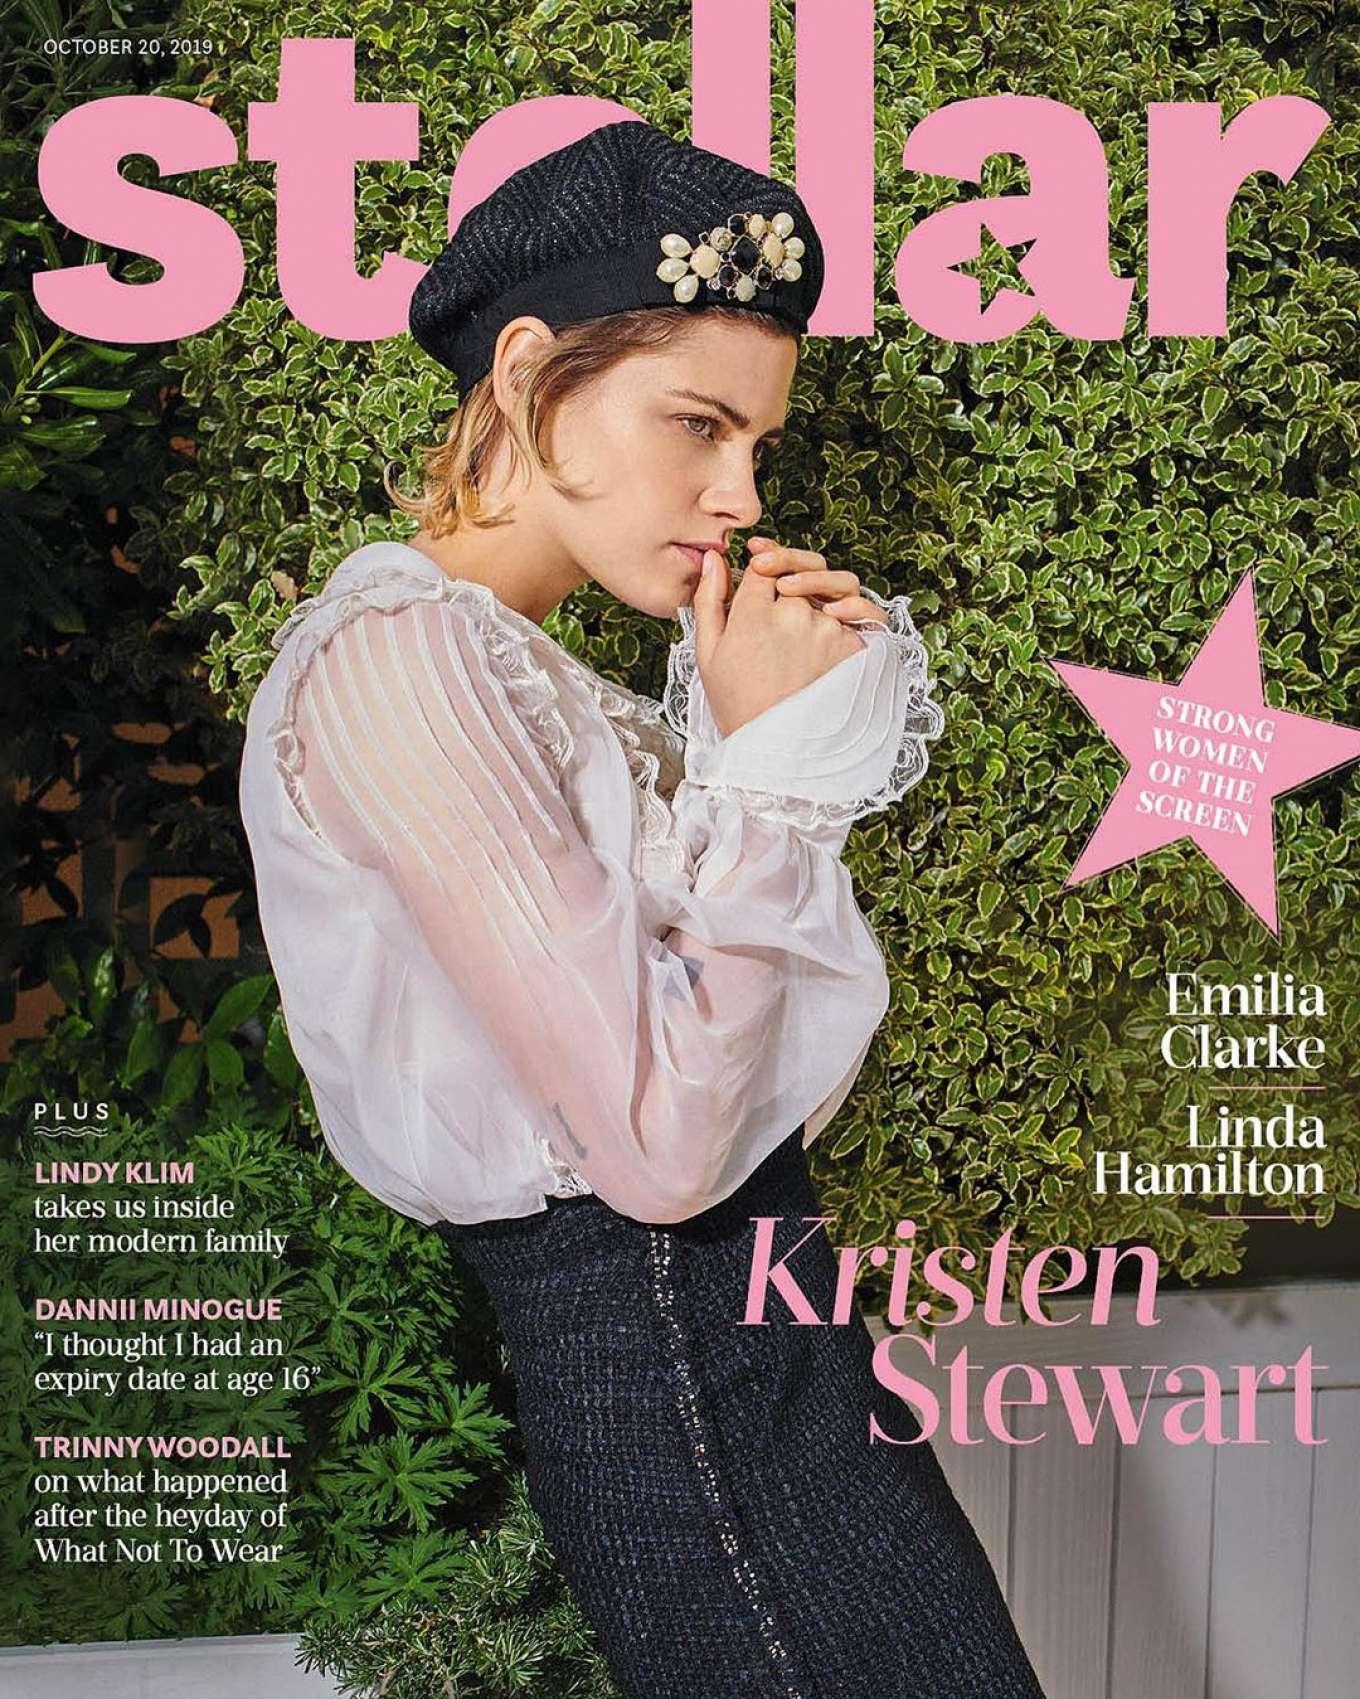 Kristen Stewart - Stellar Cover Magazine (October 2019)